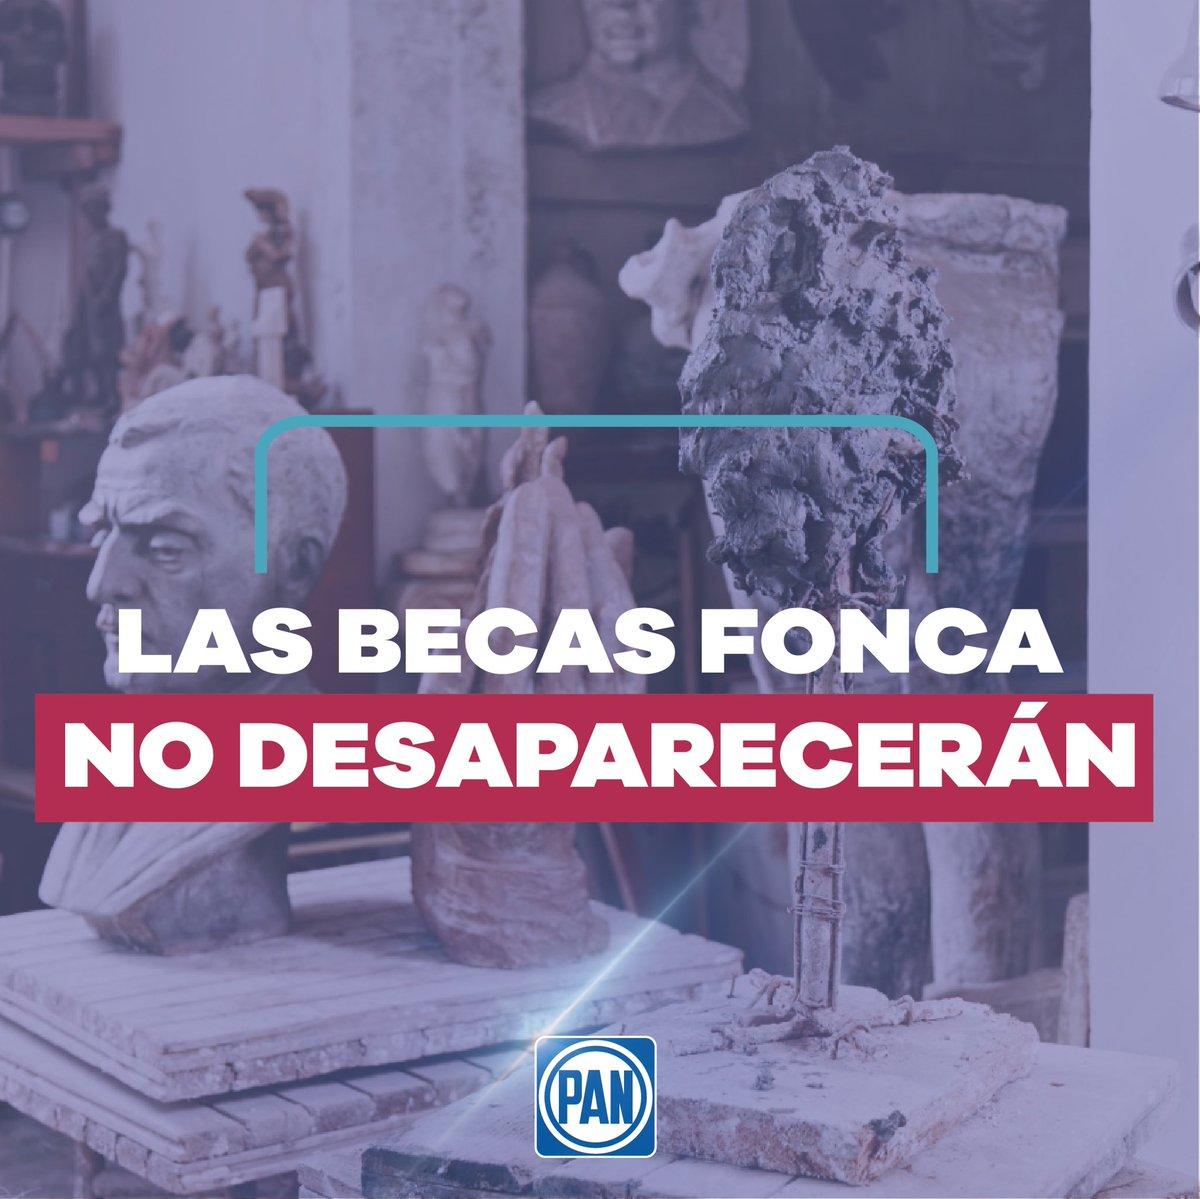 En el #PAN apoyamos la promoción cultural como un agente de desarrollo, ya que creemos en un #México innovador con ideas nuevas y frescas, por ello rechazamos la cancelación de las becas @FONCAMX, al contrario, @GobiernoMX debe incrementar un 35% los recursos para la cultura.